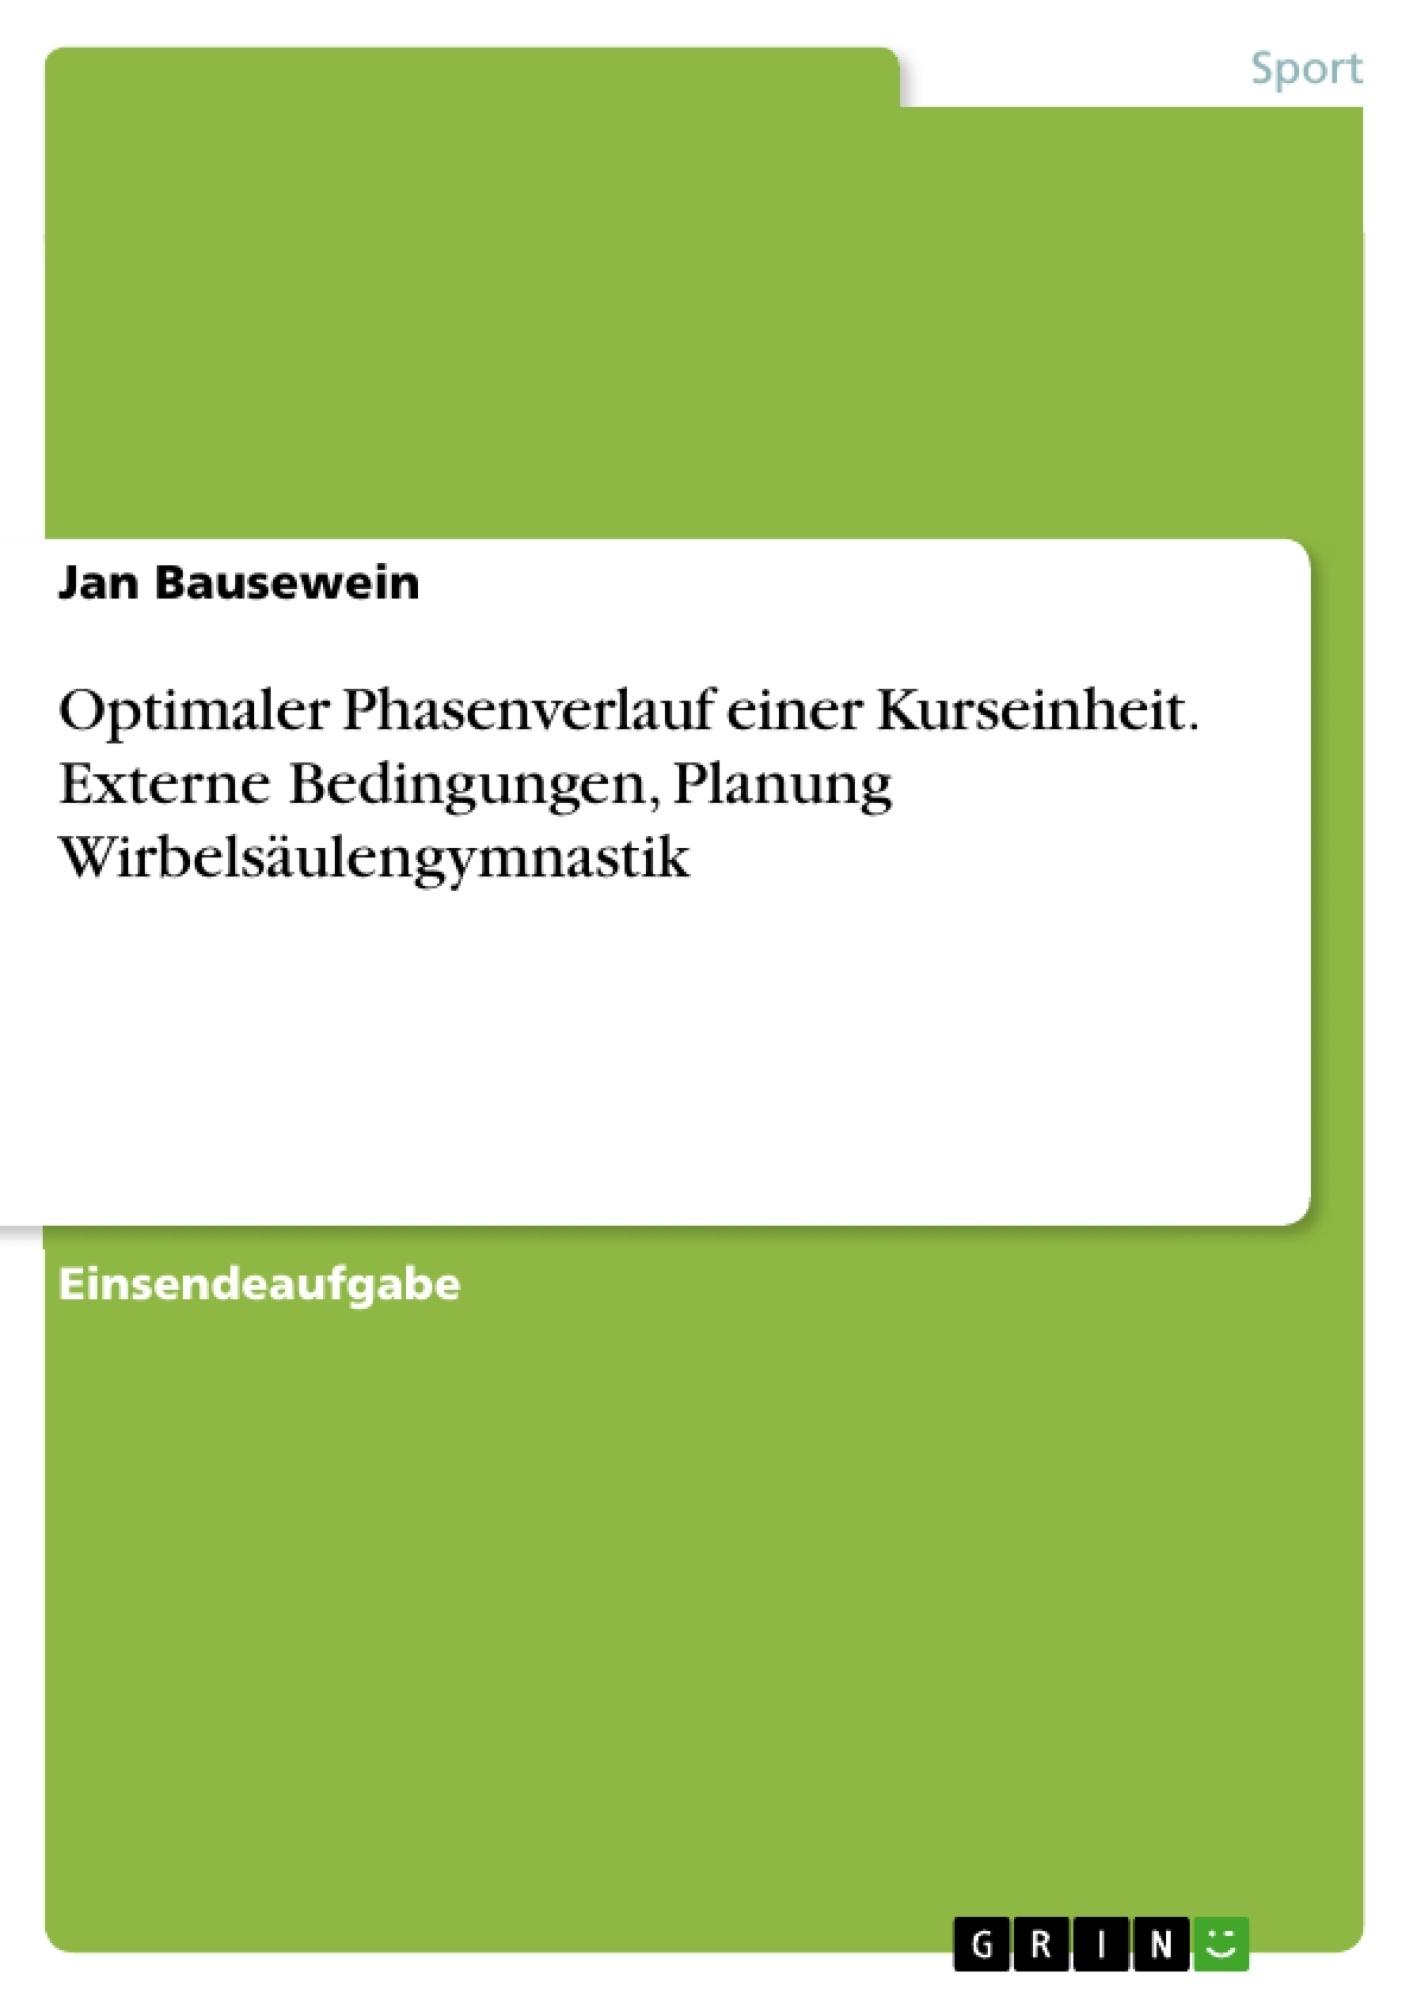 Titel: Optimaler Phasenverlauf einer Kurseinheit. Externe Bedingungen, Planung Wirbelsäulengymnastik